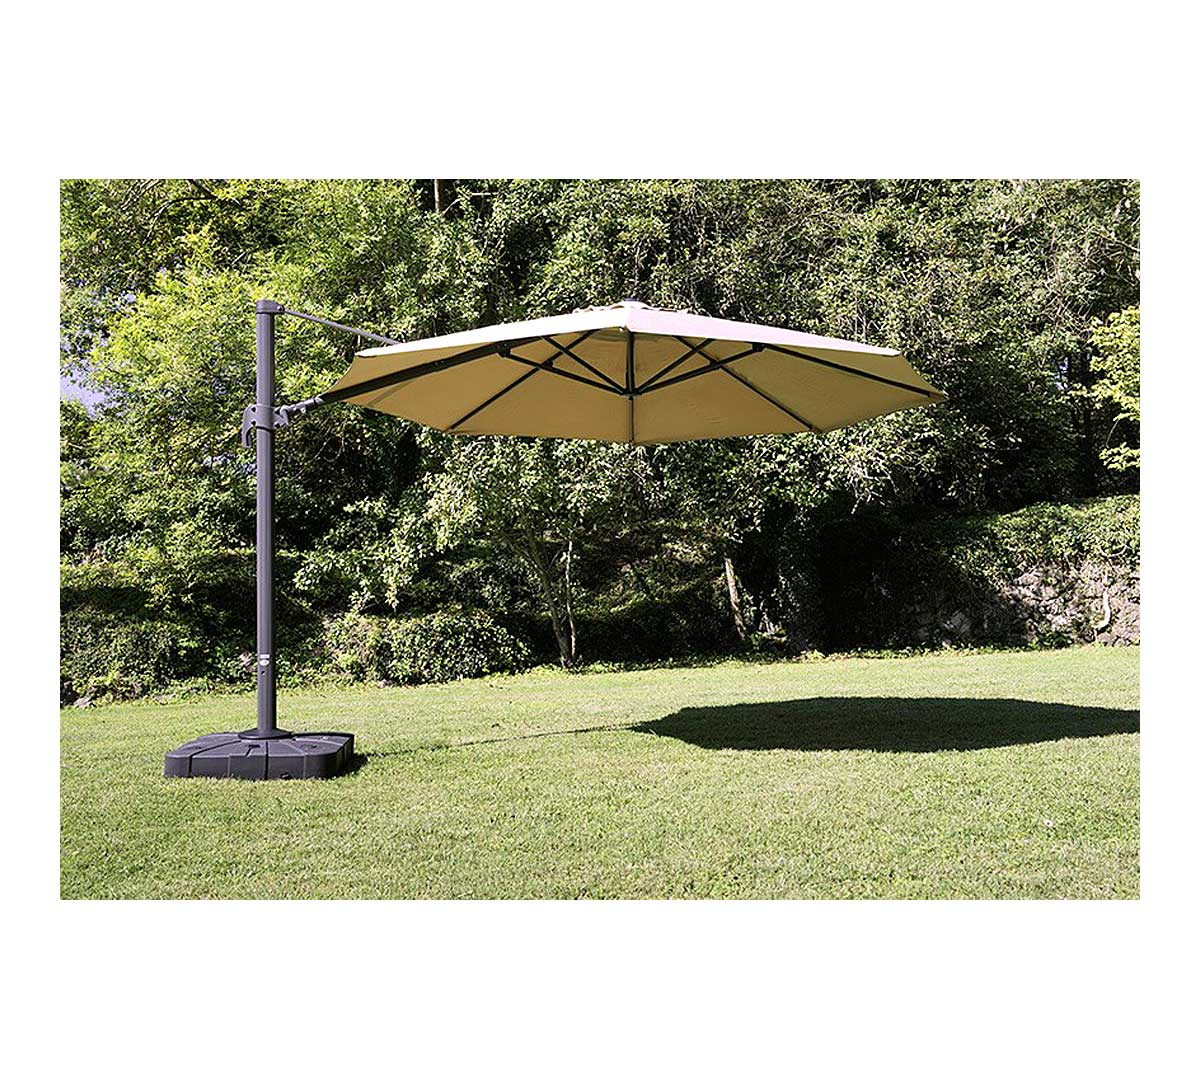 Parasol pie lateral la2 de resol for Recambio tela parasol 3x3